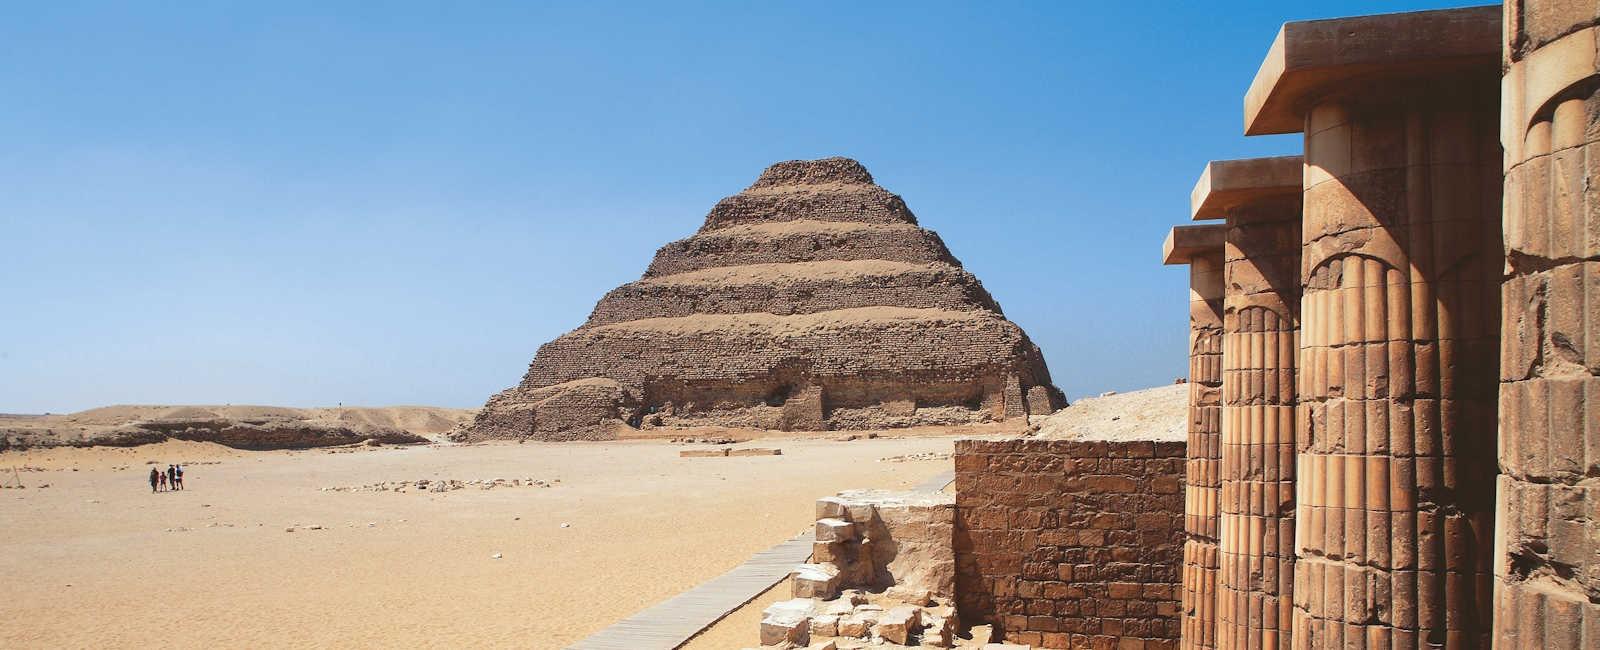 luxury cairo holidays